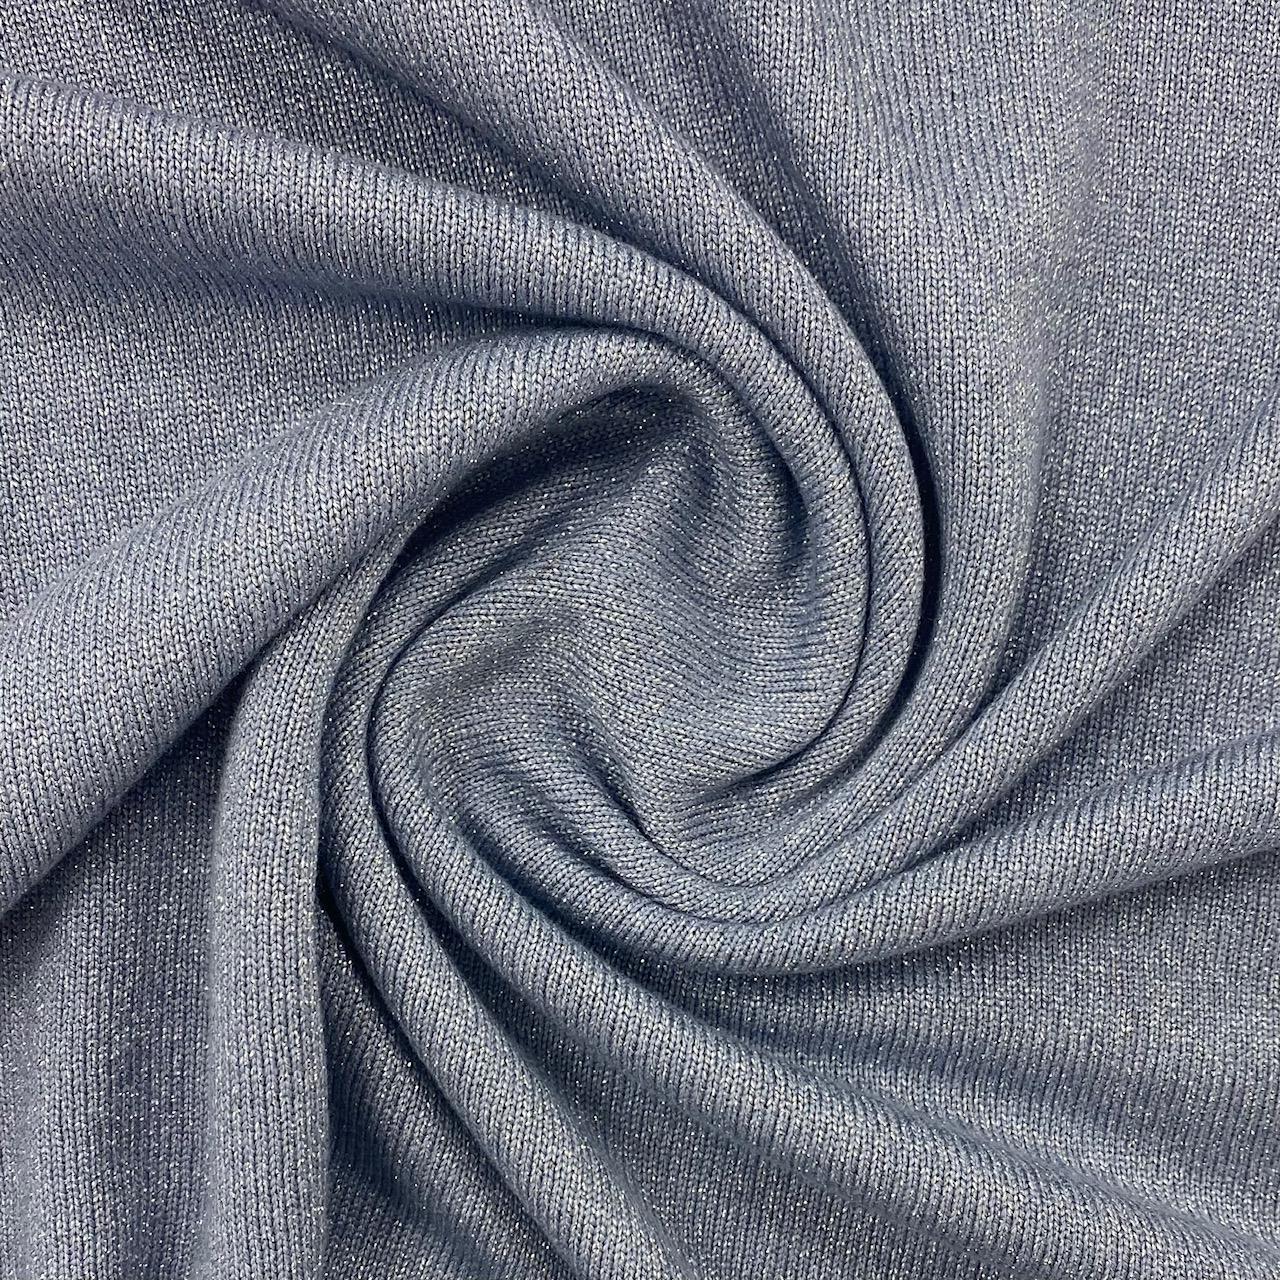 Viskose Strickstoff mit Lurex, hellblau. Art. 4871.401